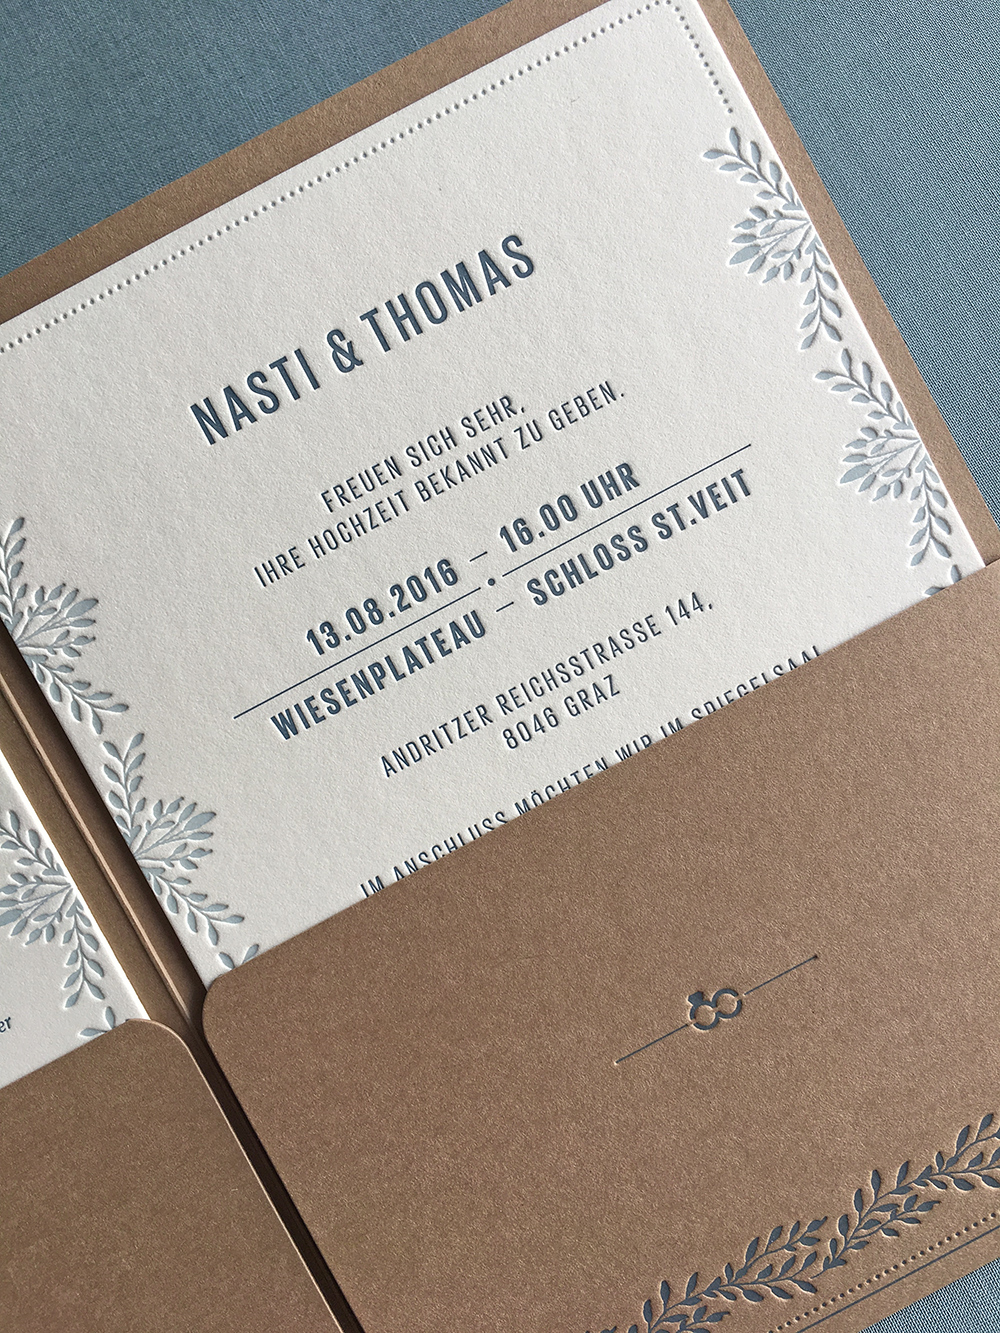 Nasti & Thomas